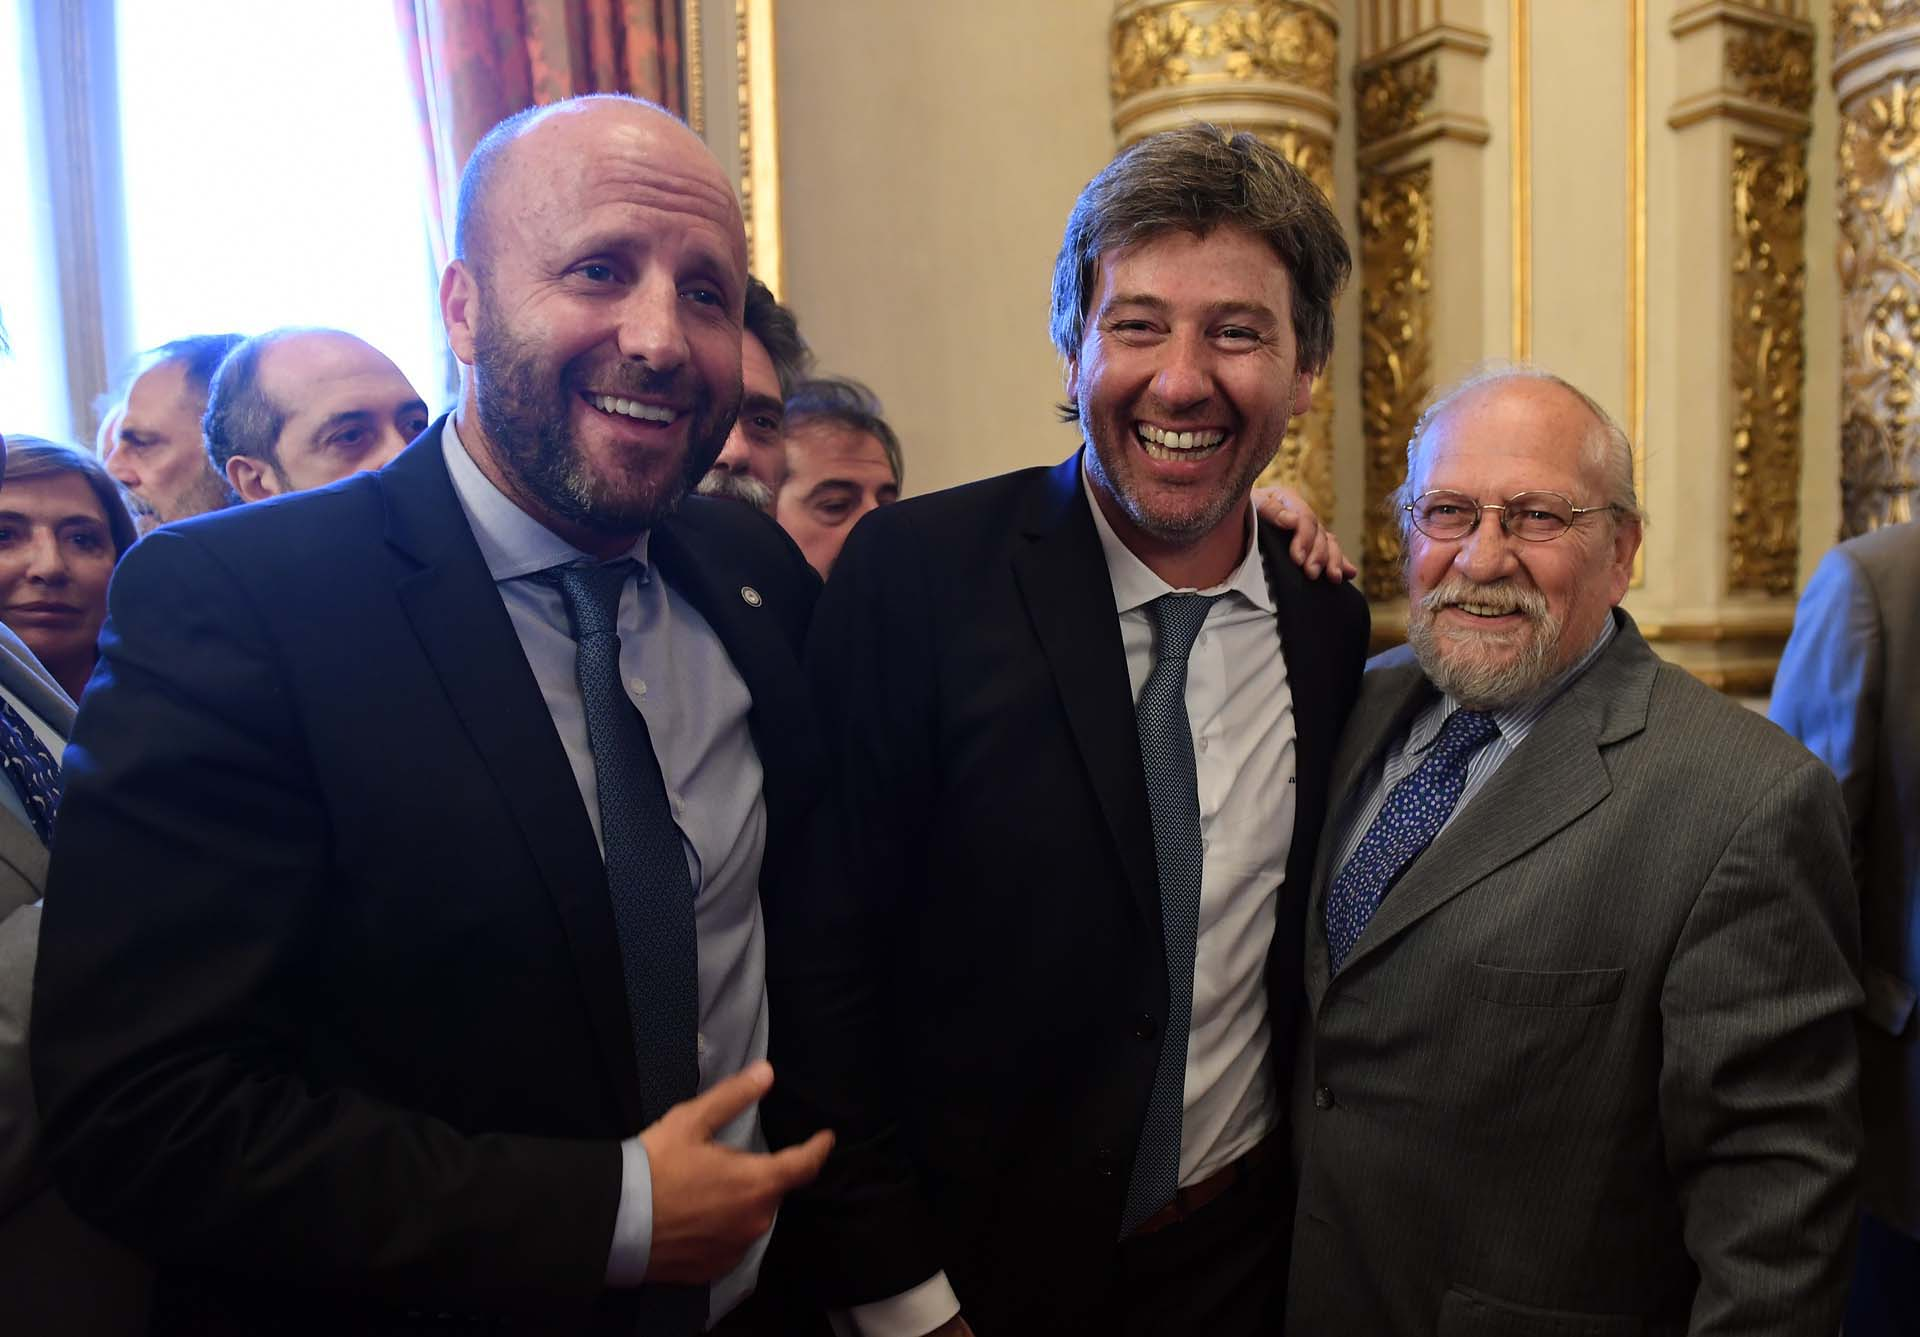 El camarista Mariano Borinsky, Juan Bautista Mahiques y el juez Luis Cabral.